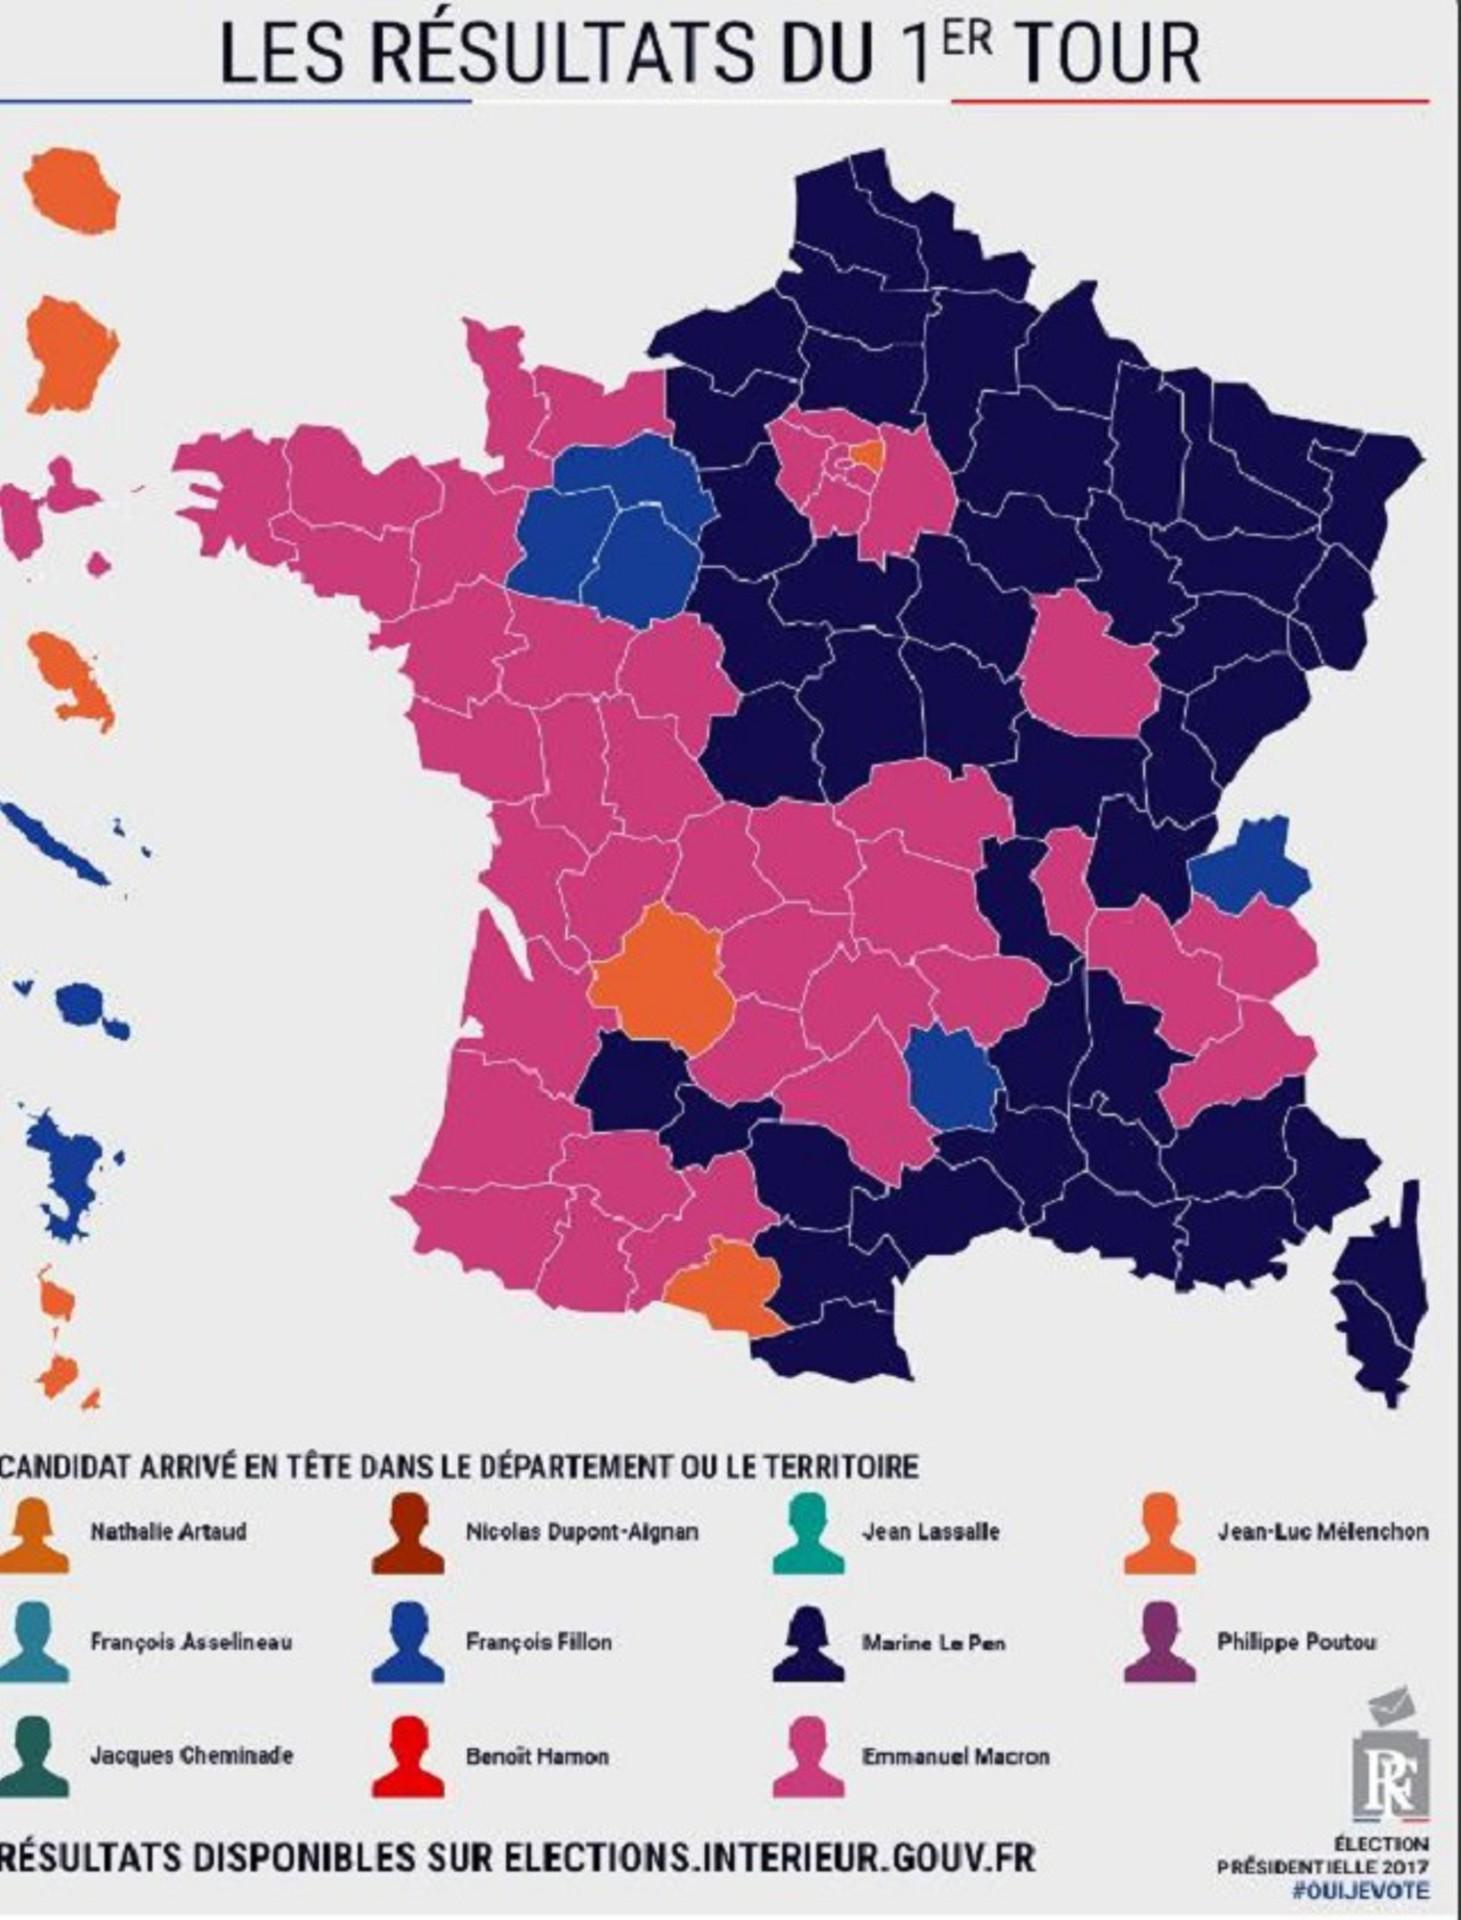 Макрон или Ле Пен: что будет с экономикой и рынками?